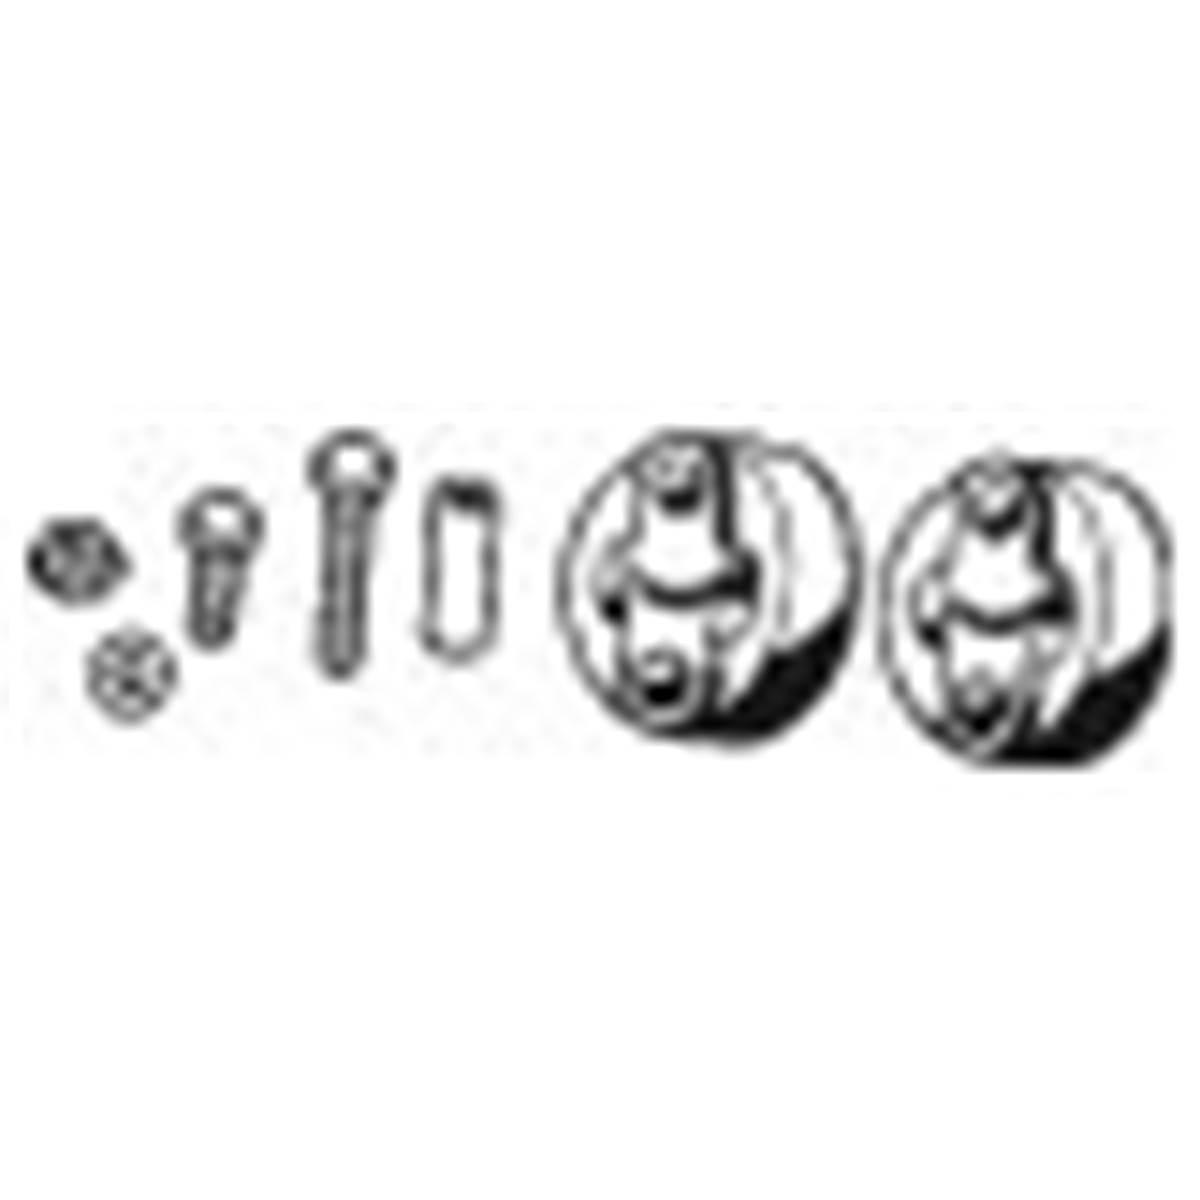 chappement 023 achat vente de chappement pas cher. Black Bedroom Furniture Sets. Home Design Ideas